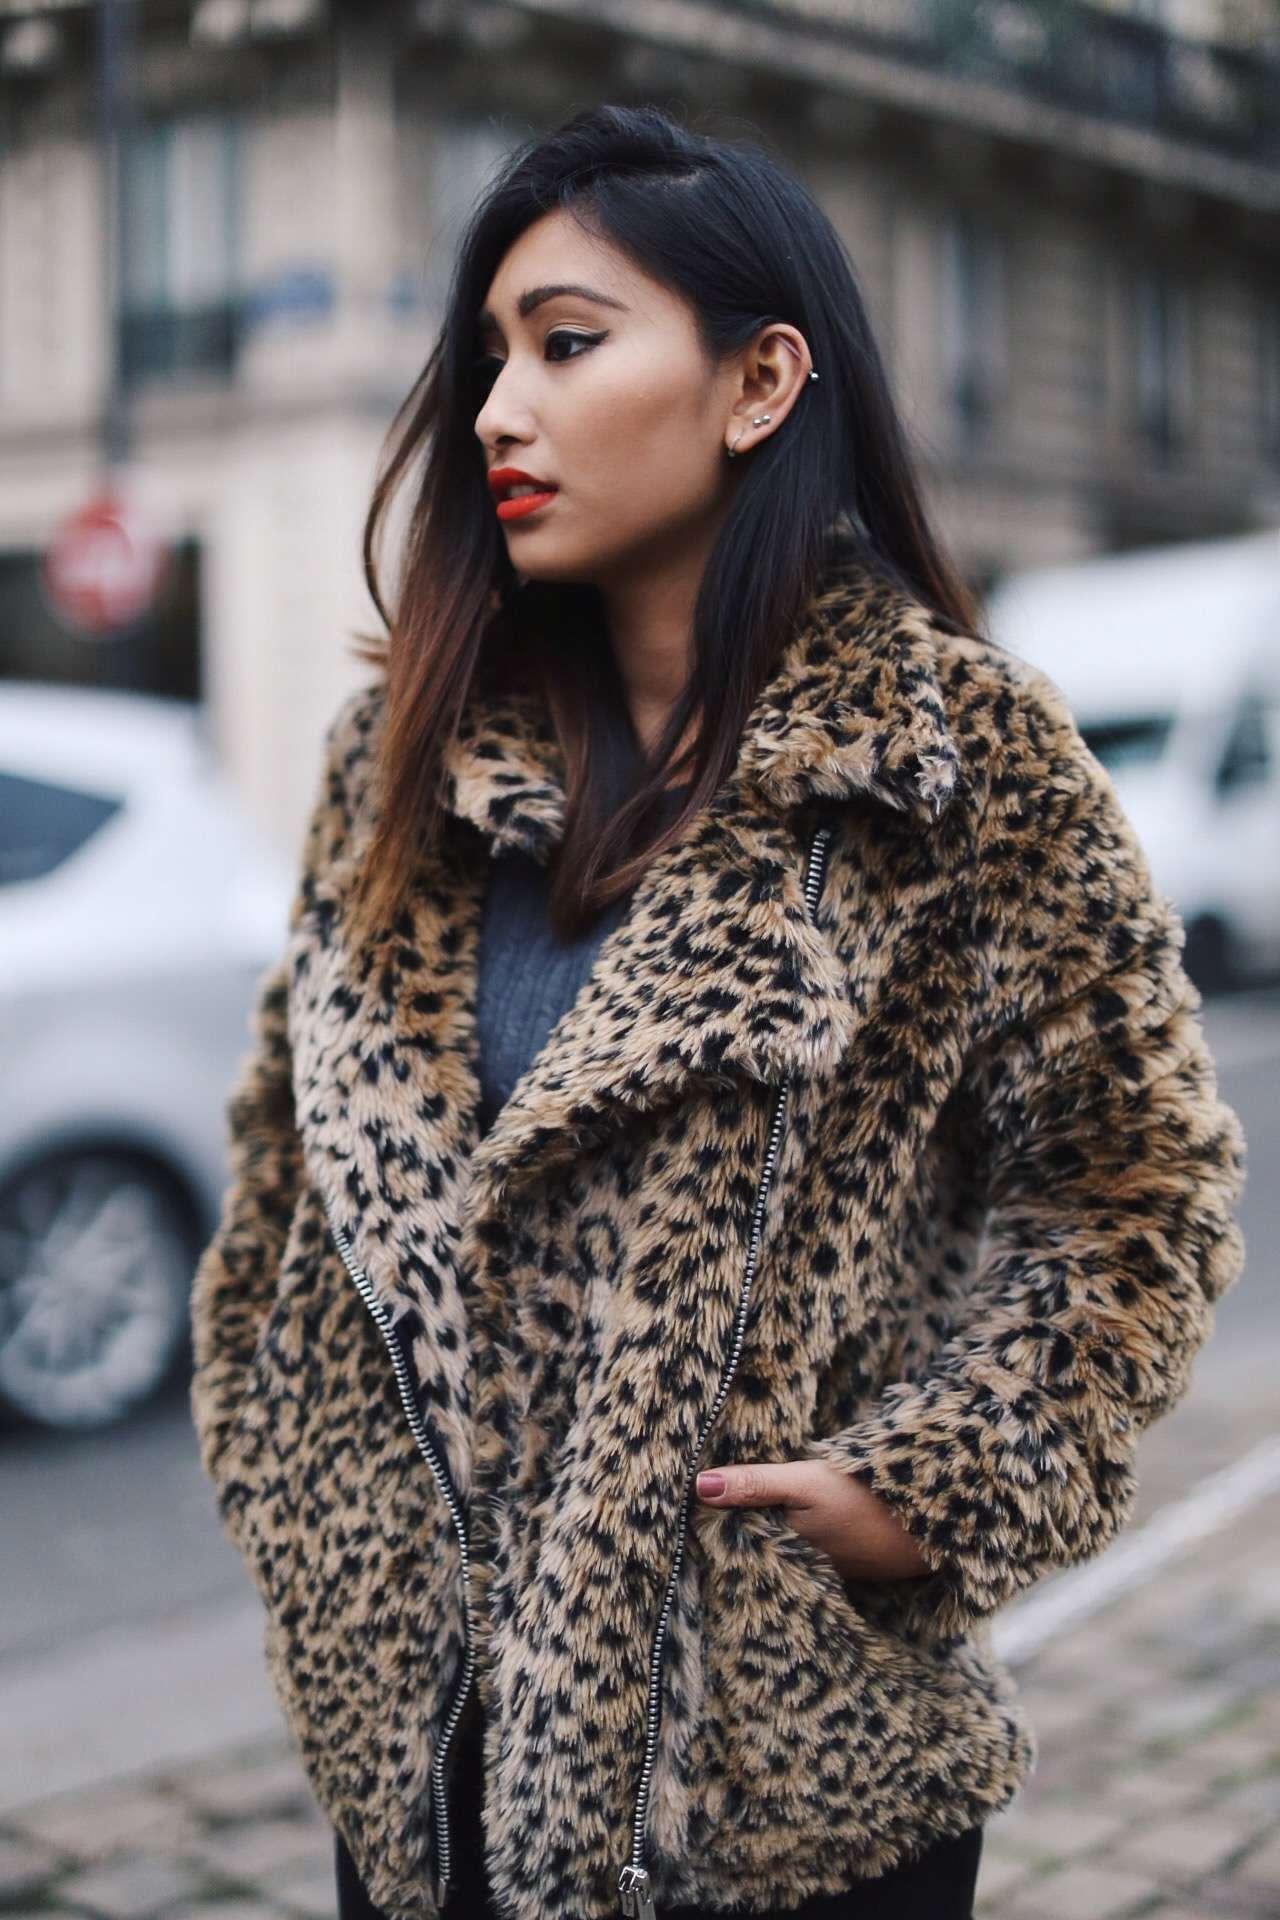 manteau motif léopard blog mode paris